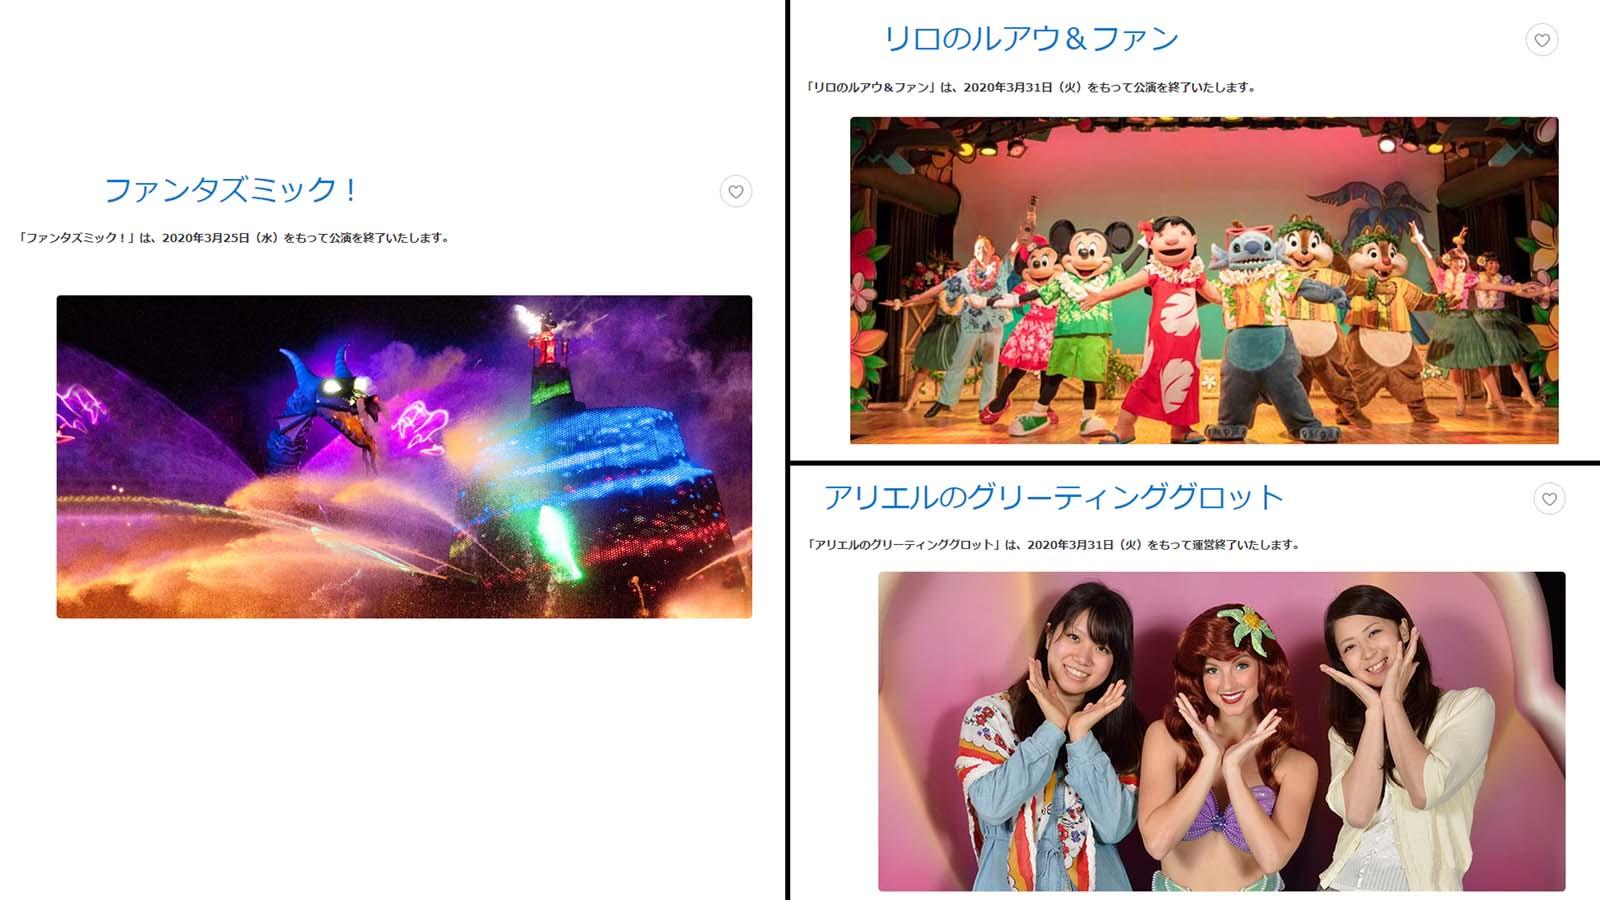 東京ディズニーシー ファンタズミック! 2020年3月25日終了